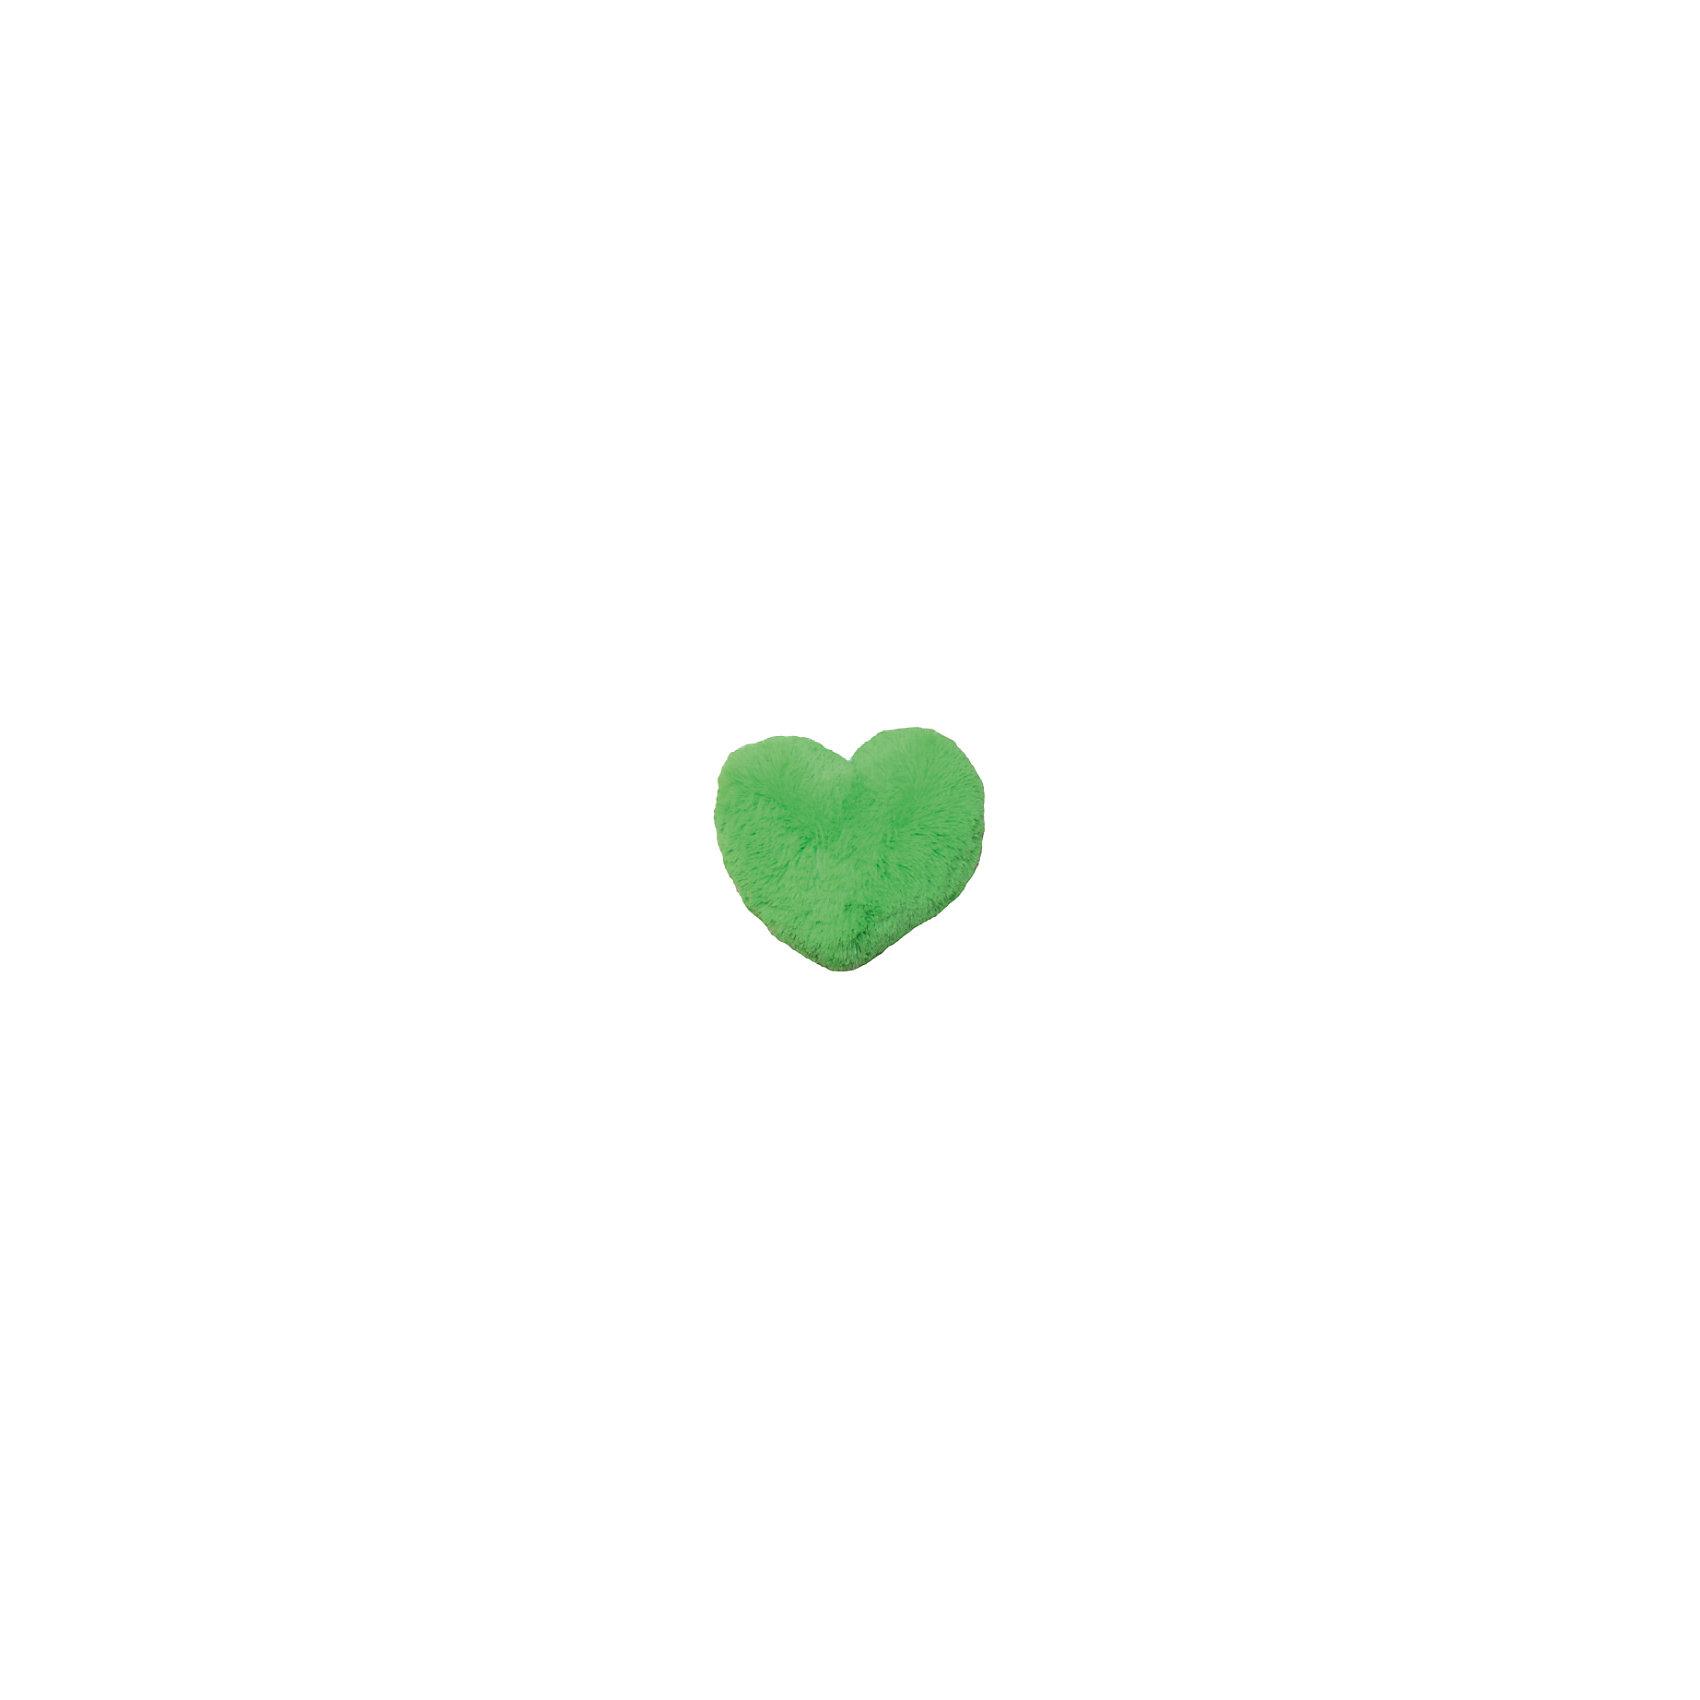 Зеленая подушка Сердце 30*35 смЯркая, приятная на ощупь подушка порадует и детей и взрослых. Она выполнена из высококачественных гипоаллергенны материалов, не сминается, остается мягкой и пушистой. Подушка в виде сердца может стать прекрасной игрушкой или же украсить интерьер комнаты. <br><br>Дополнительная информация:<br><br>- Материал: искусственный мех, синтепон. <br>- Цвет: зеленый.<br>- Размер: 30х35 см. <br>- Не сминается.<br><br>Зеленую подушку Сердце 30х35 см, можно купить в нашем магазине.<br><br>Ширина мм: 110<br>Глубина мм: 350<br>Высота мм: 300<br>Вес г: 240<br>Возраст от месяцев: 36<br>Возраст до месяцев: 2147483647<br>Пол: Женский<br>Возраст: Детский<br>SKU: 4546098